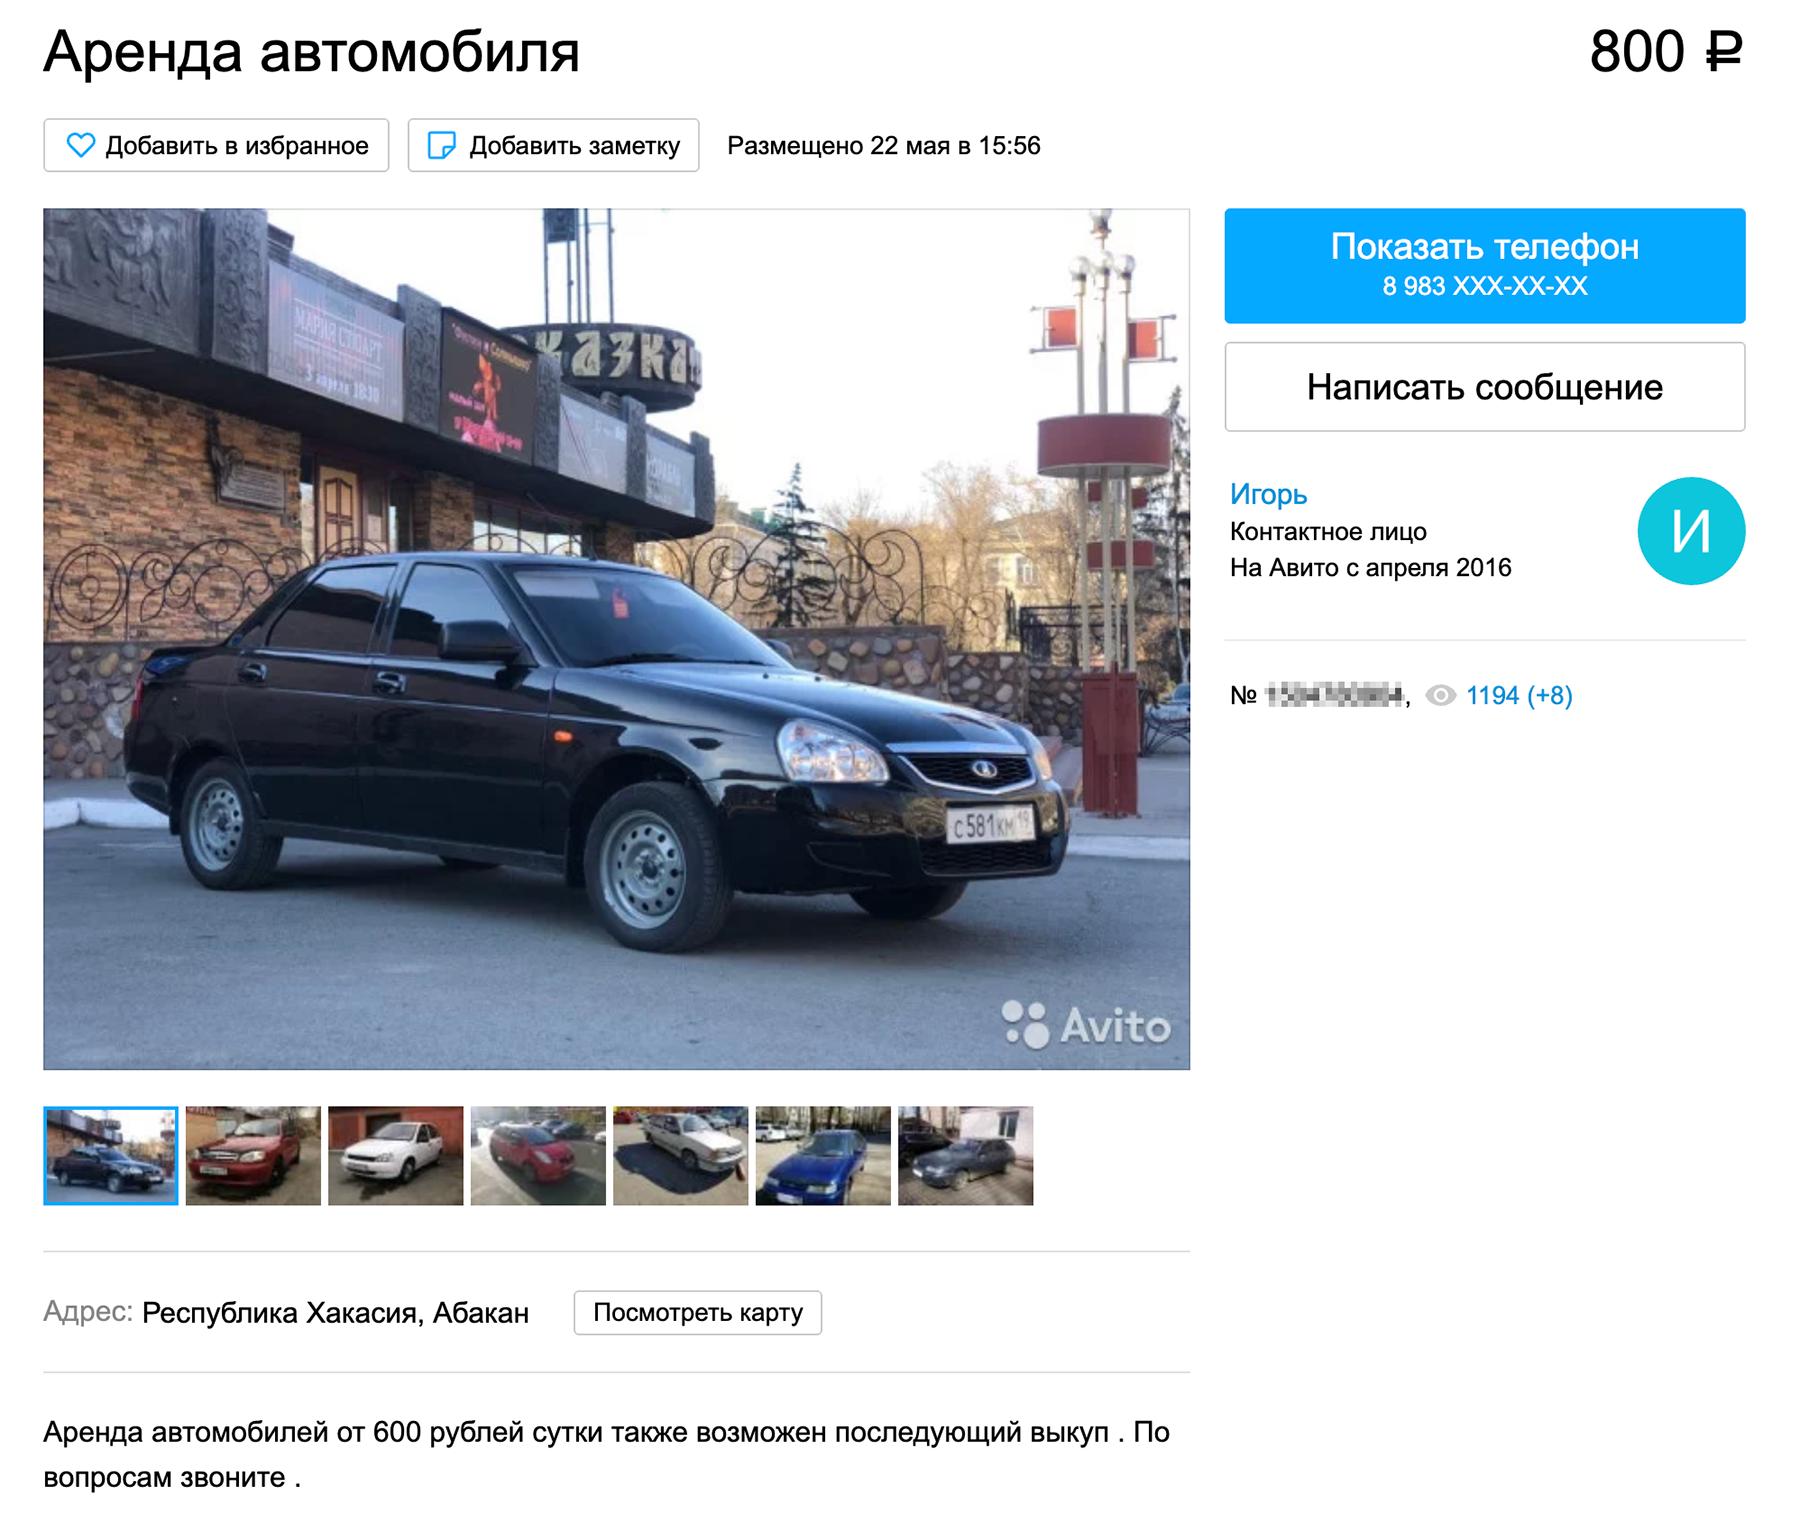 От 600 р. в сутки стоит аренда отечественного автомобиля в Хакасии